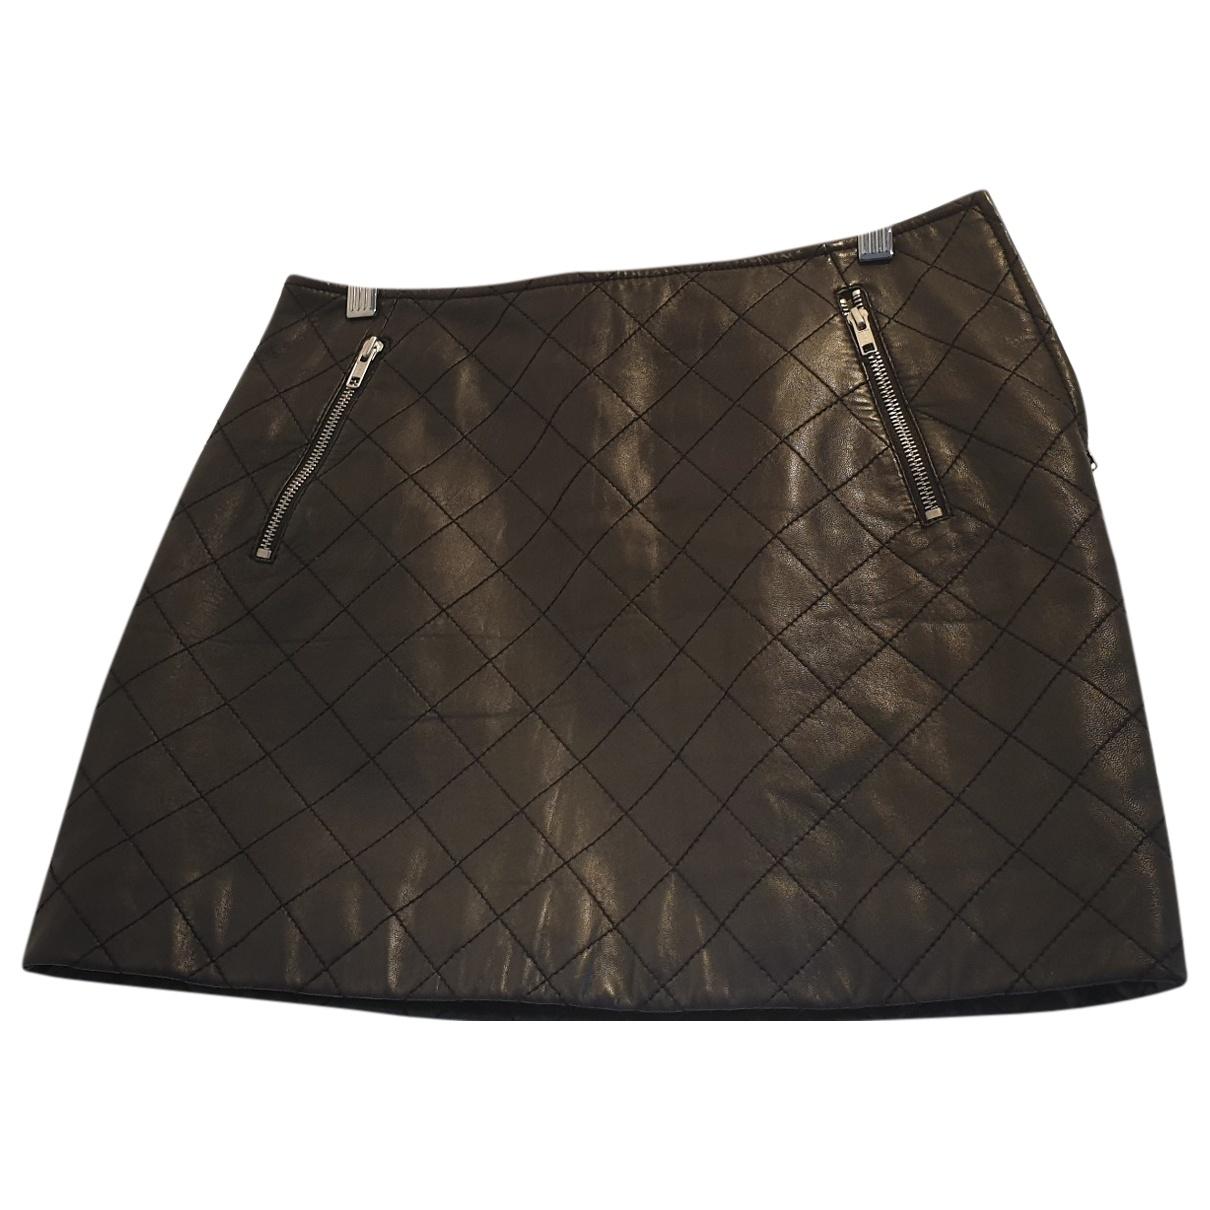 Claudie Pierlot - Jupe   pour femme en cuir - noir